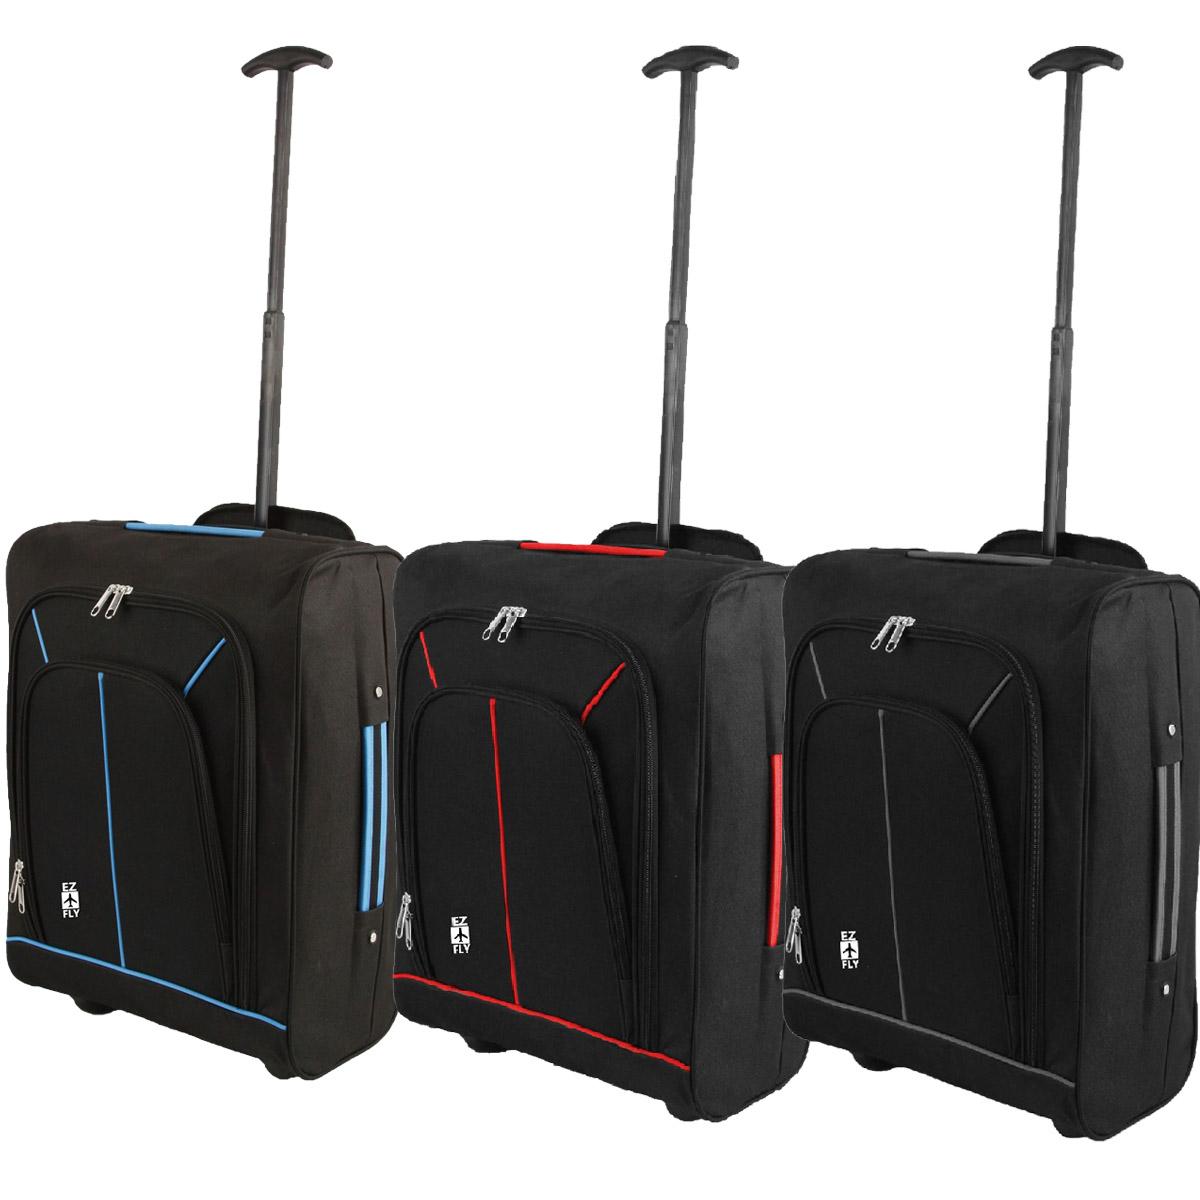 NUOVO Leggero 2 RUOTE TROLLEY CABIN approvato bagagli a mano CUSTODIA VENDITORE REGNO UNITO